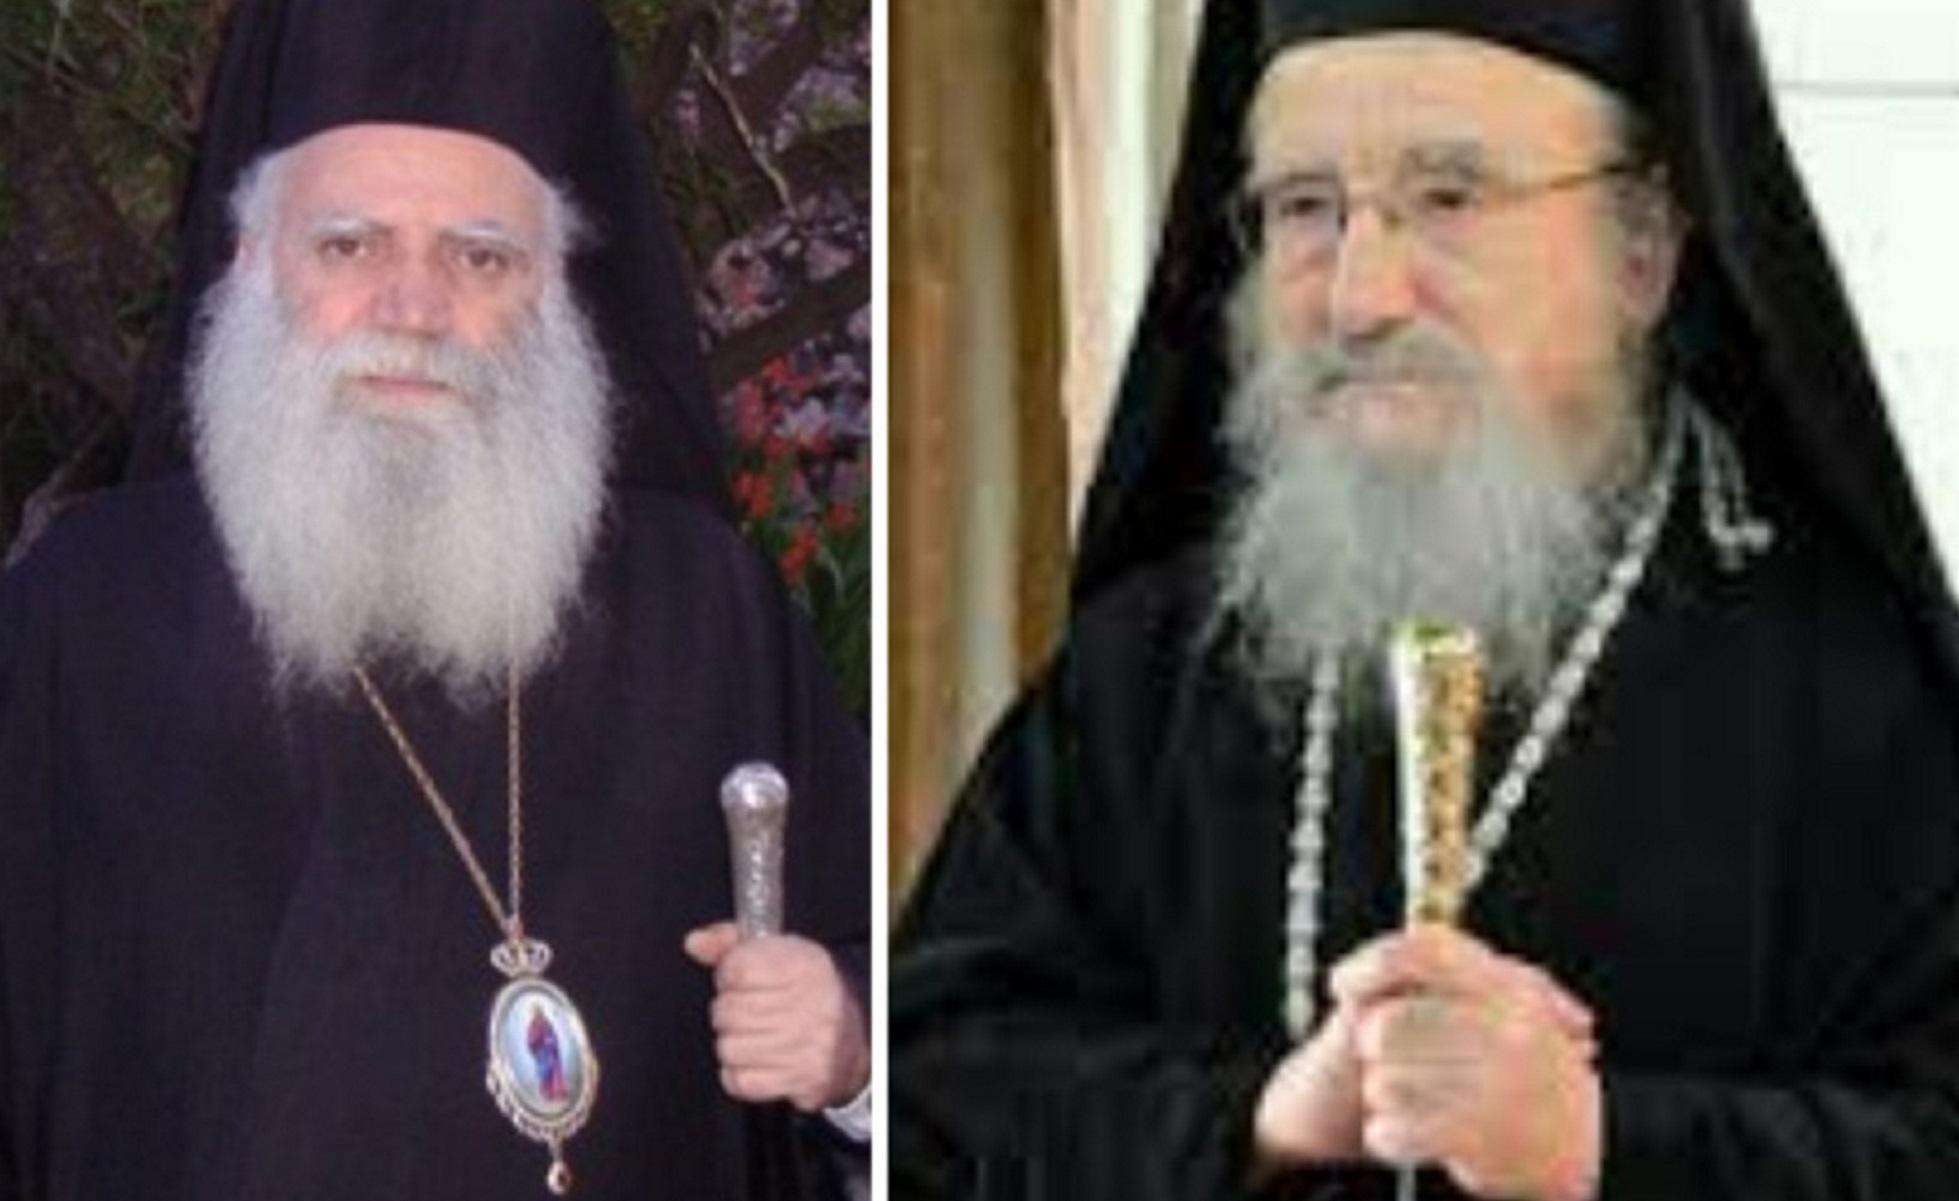 ΔΙΣ: Σε εκκλησιαστικούς ανακριτές παραπέμπονται οι Μητροπολίτες Αιτωλίας και Κυθήρων